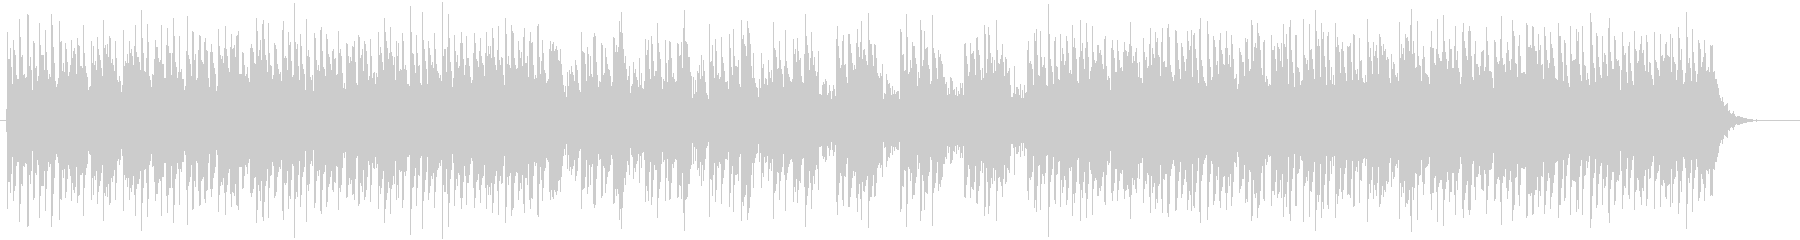 涼しげでおしゃれなシンセサイザーサウンドの未再生の波形